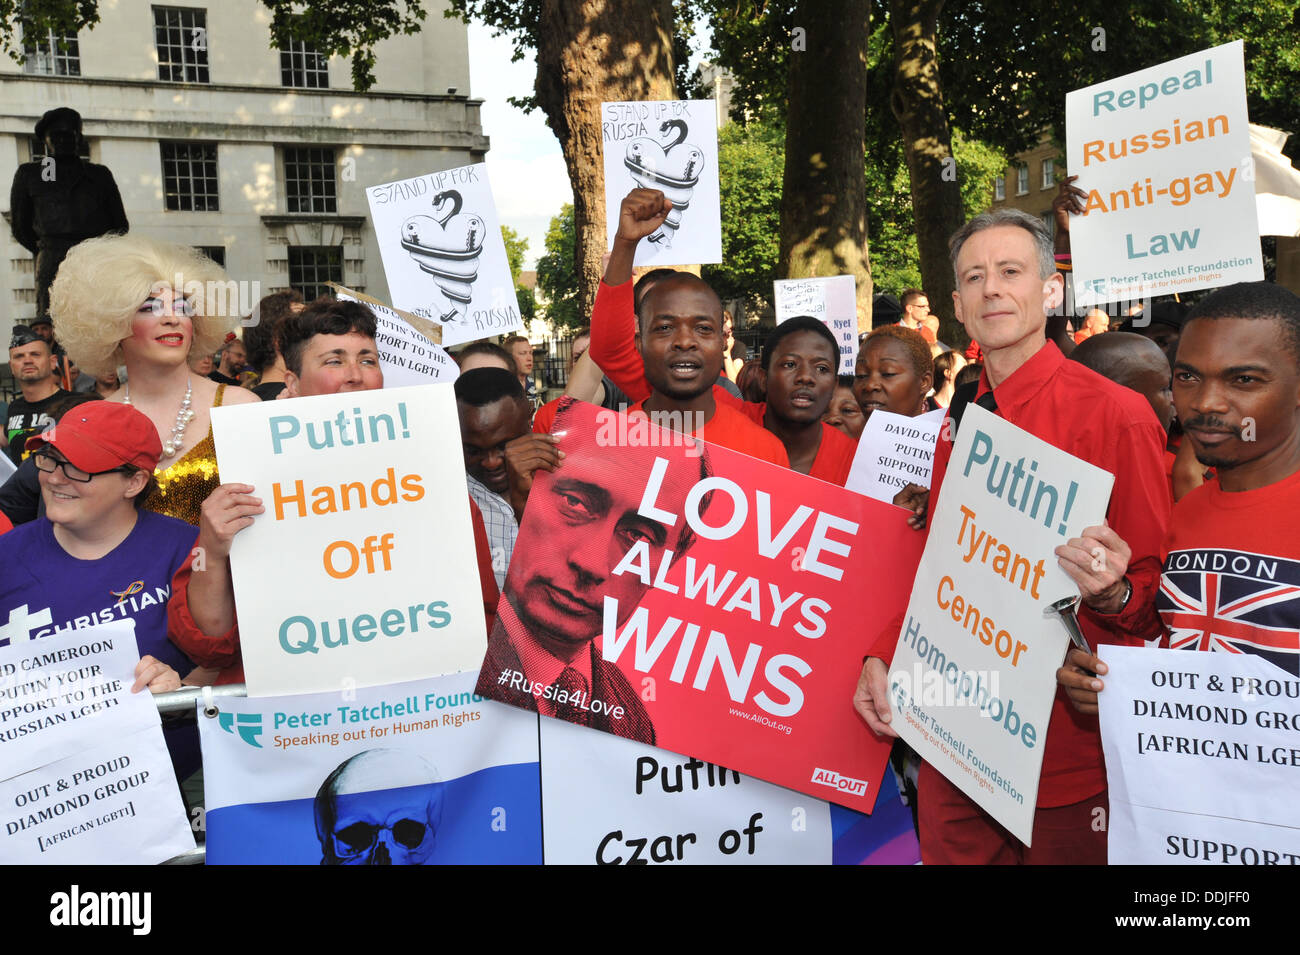 """Whitehall, Londres, Reino Unido. 3 de septiembre de 2013. Peter Tatchell, un Día de Acción, """"Amor a Rusia, odio Foto de stock"""